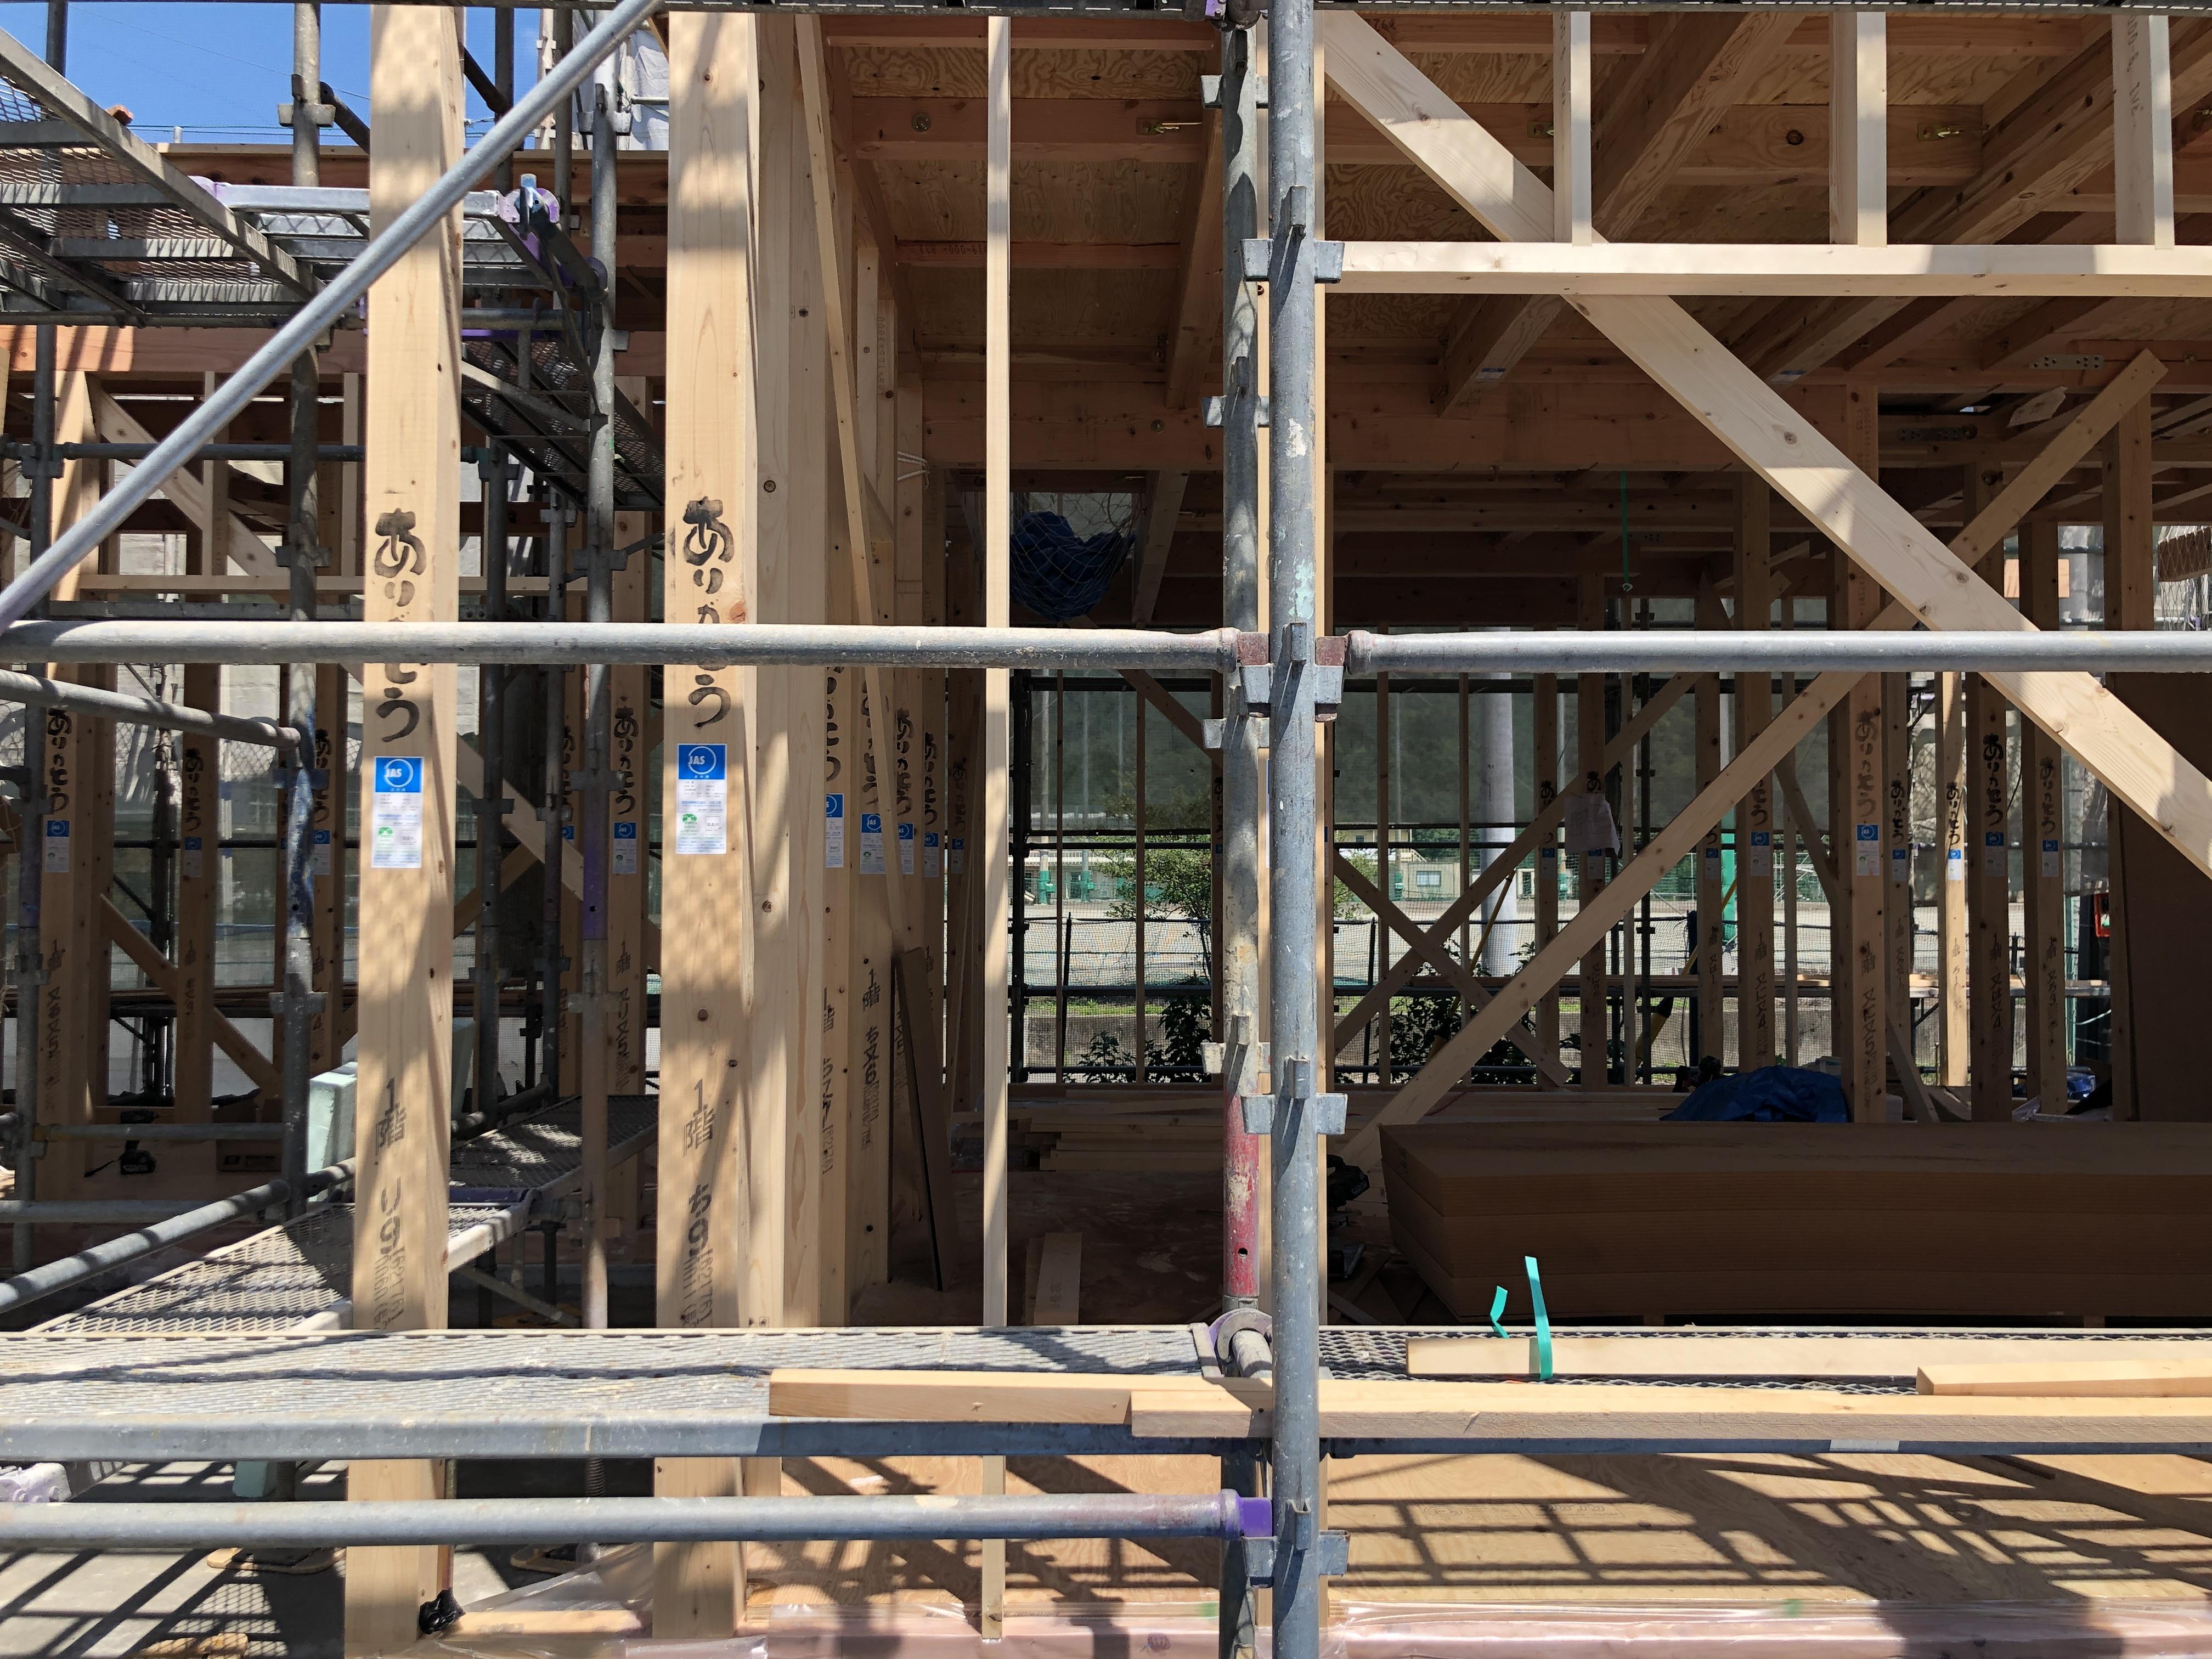 山梨県の工務店、未来建築工房とつくる注文住宅。|ブルックリンスタイルハウス